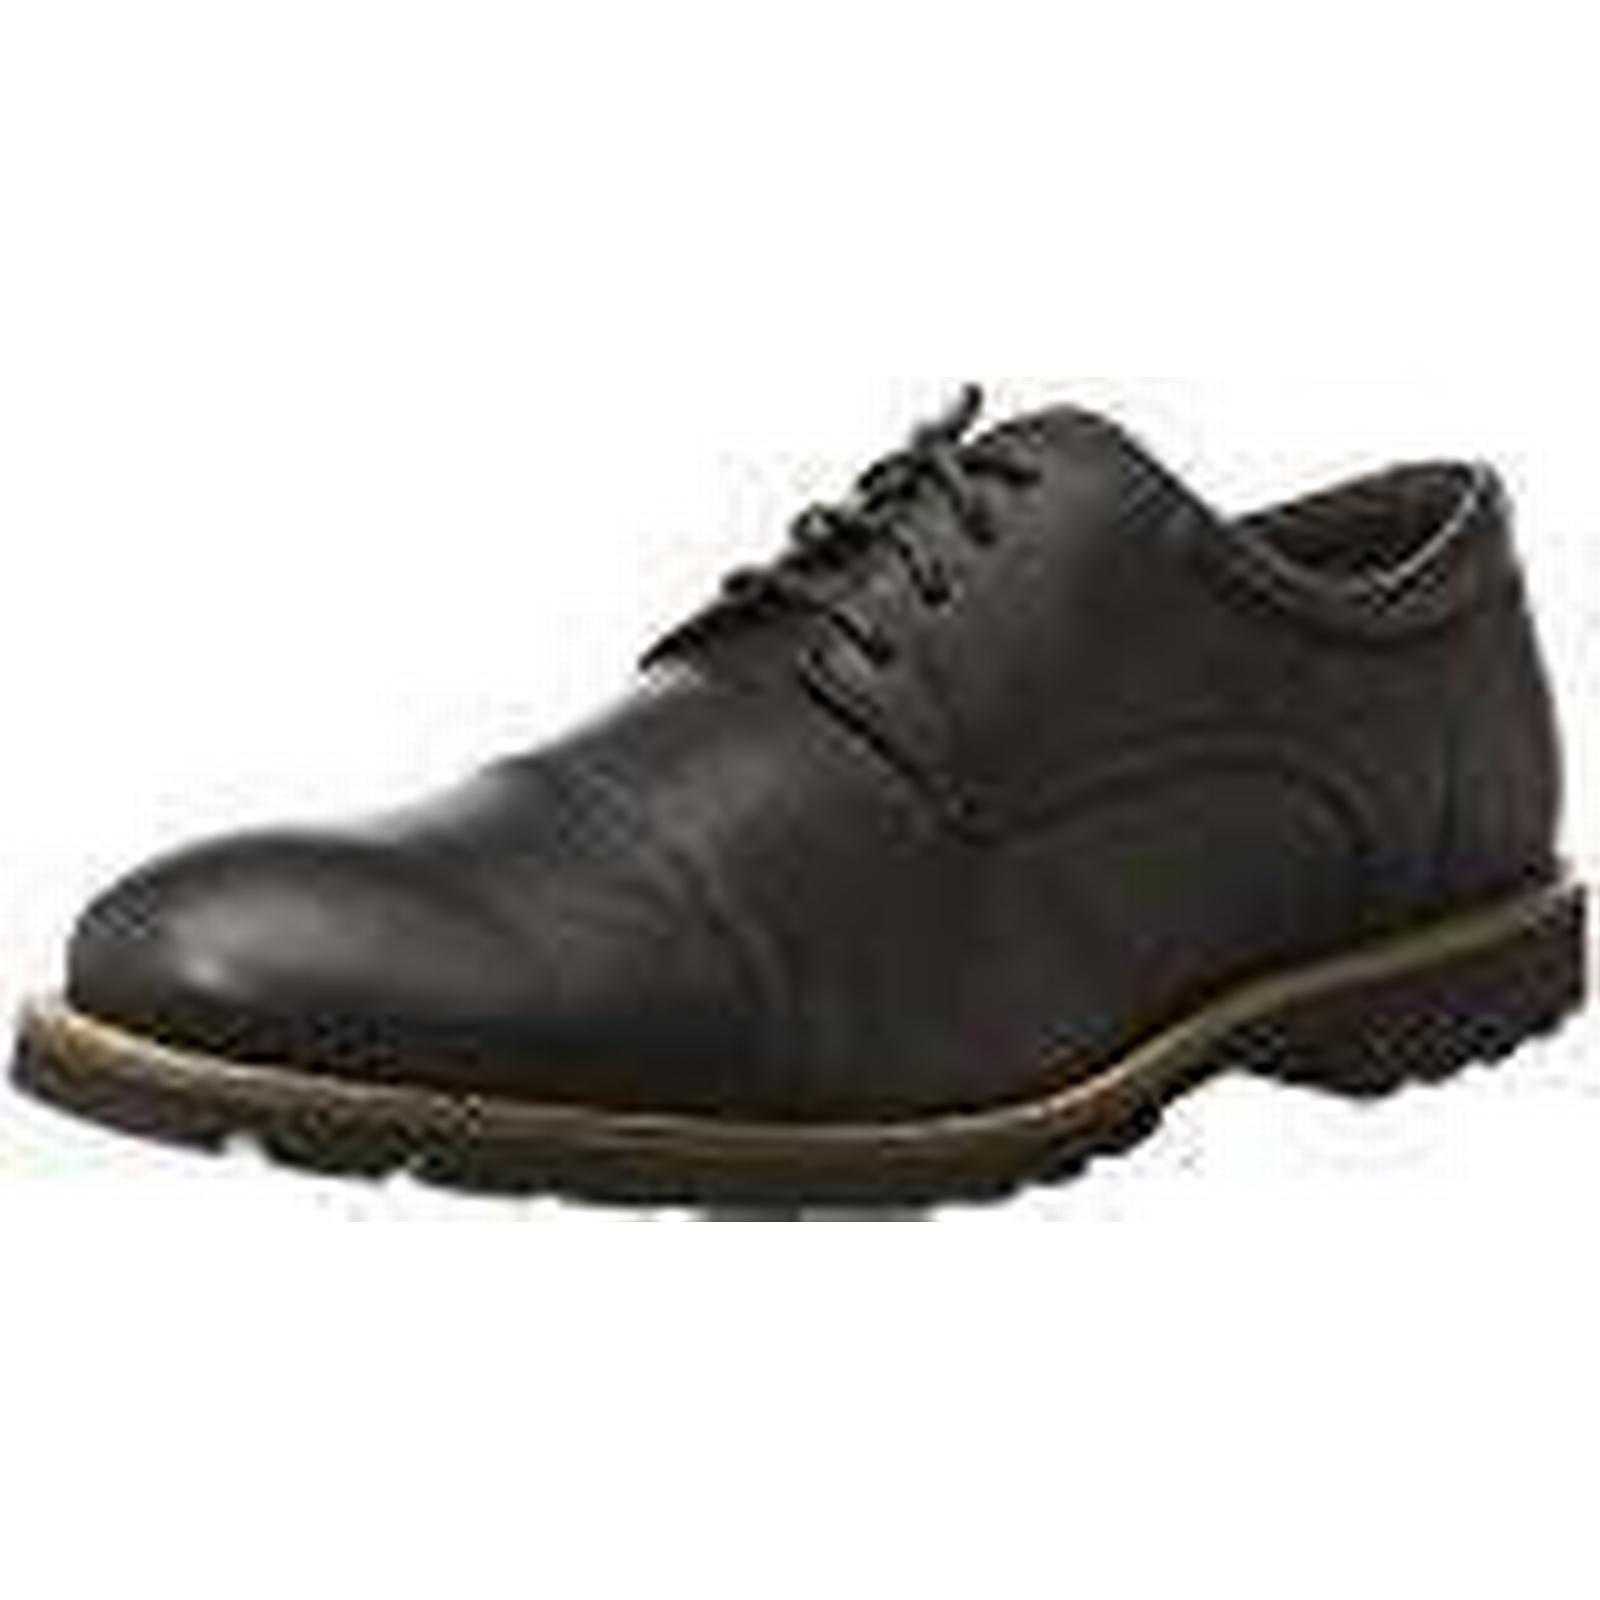 Rockport Men's Modern Break 46 Captoe Oxford (Black), 11 UK 46 Break EU 019183